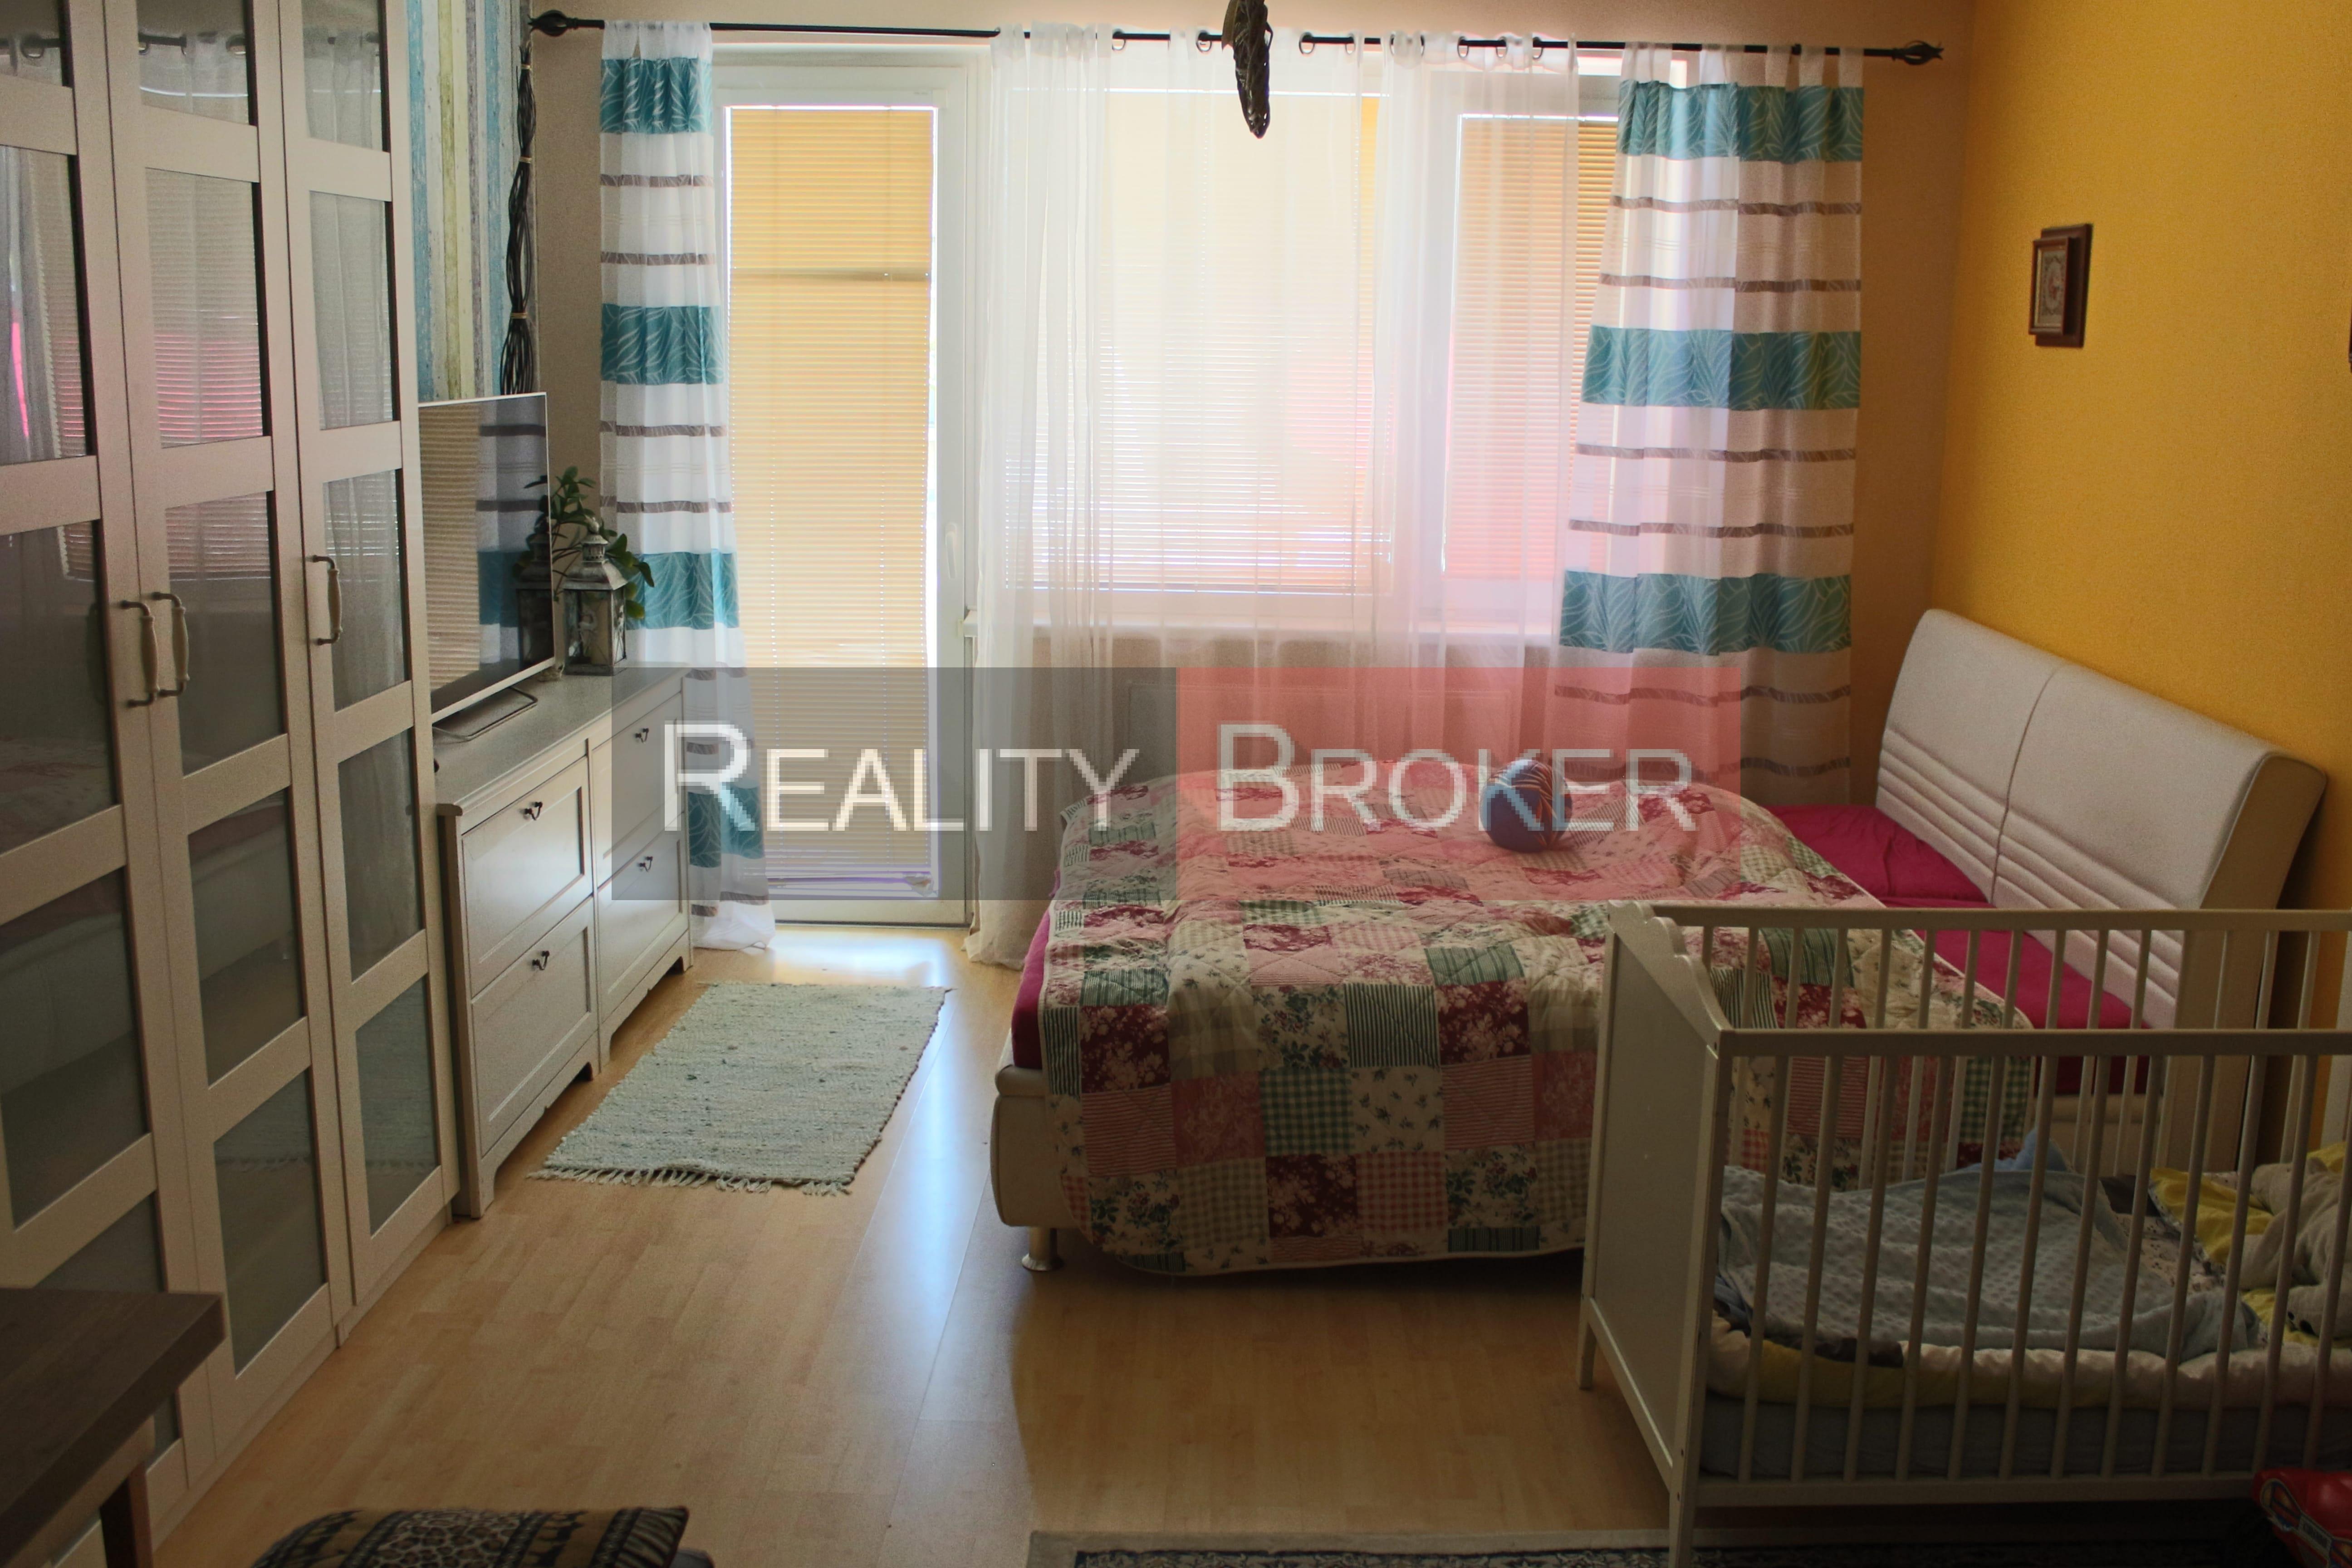 REALITY BROKER  ponúka na predaj pekný 2 izb. byt na Zemplínskej ul. v Senci s park. miestom v OV